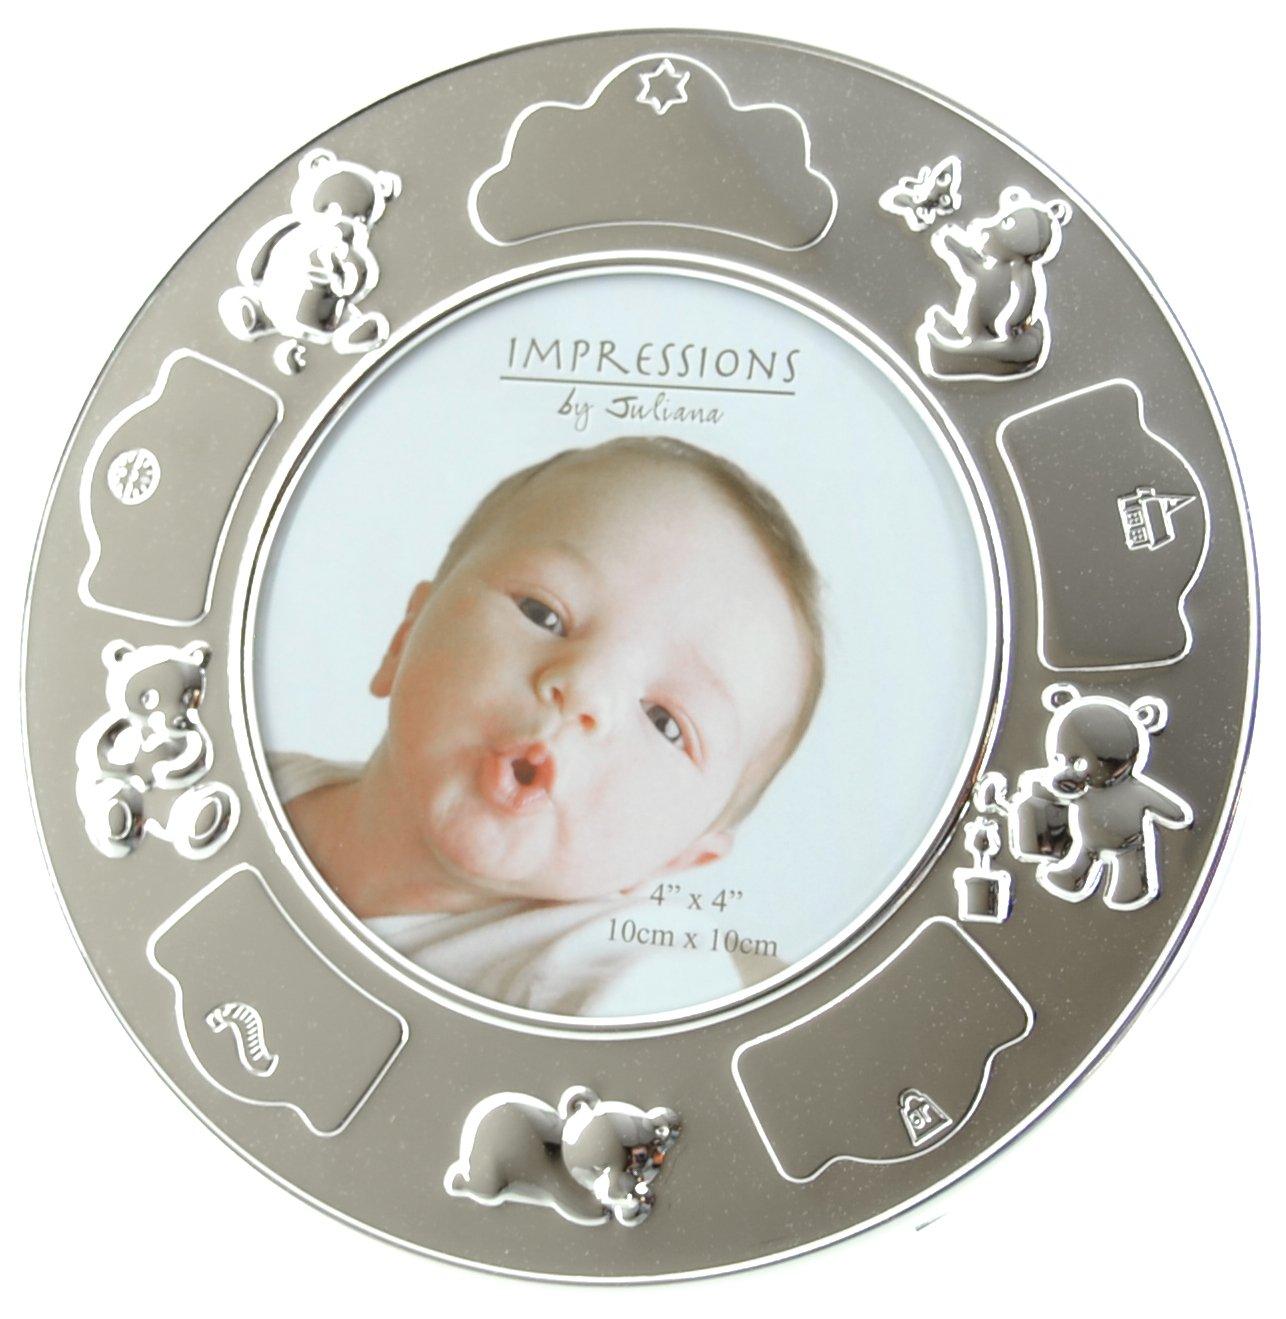 Juliana 17 cm rund gravierbar Baby Rahmen: Amazon.de: Küche & Haushalt